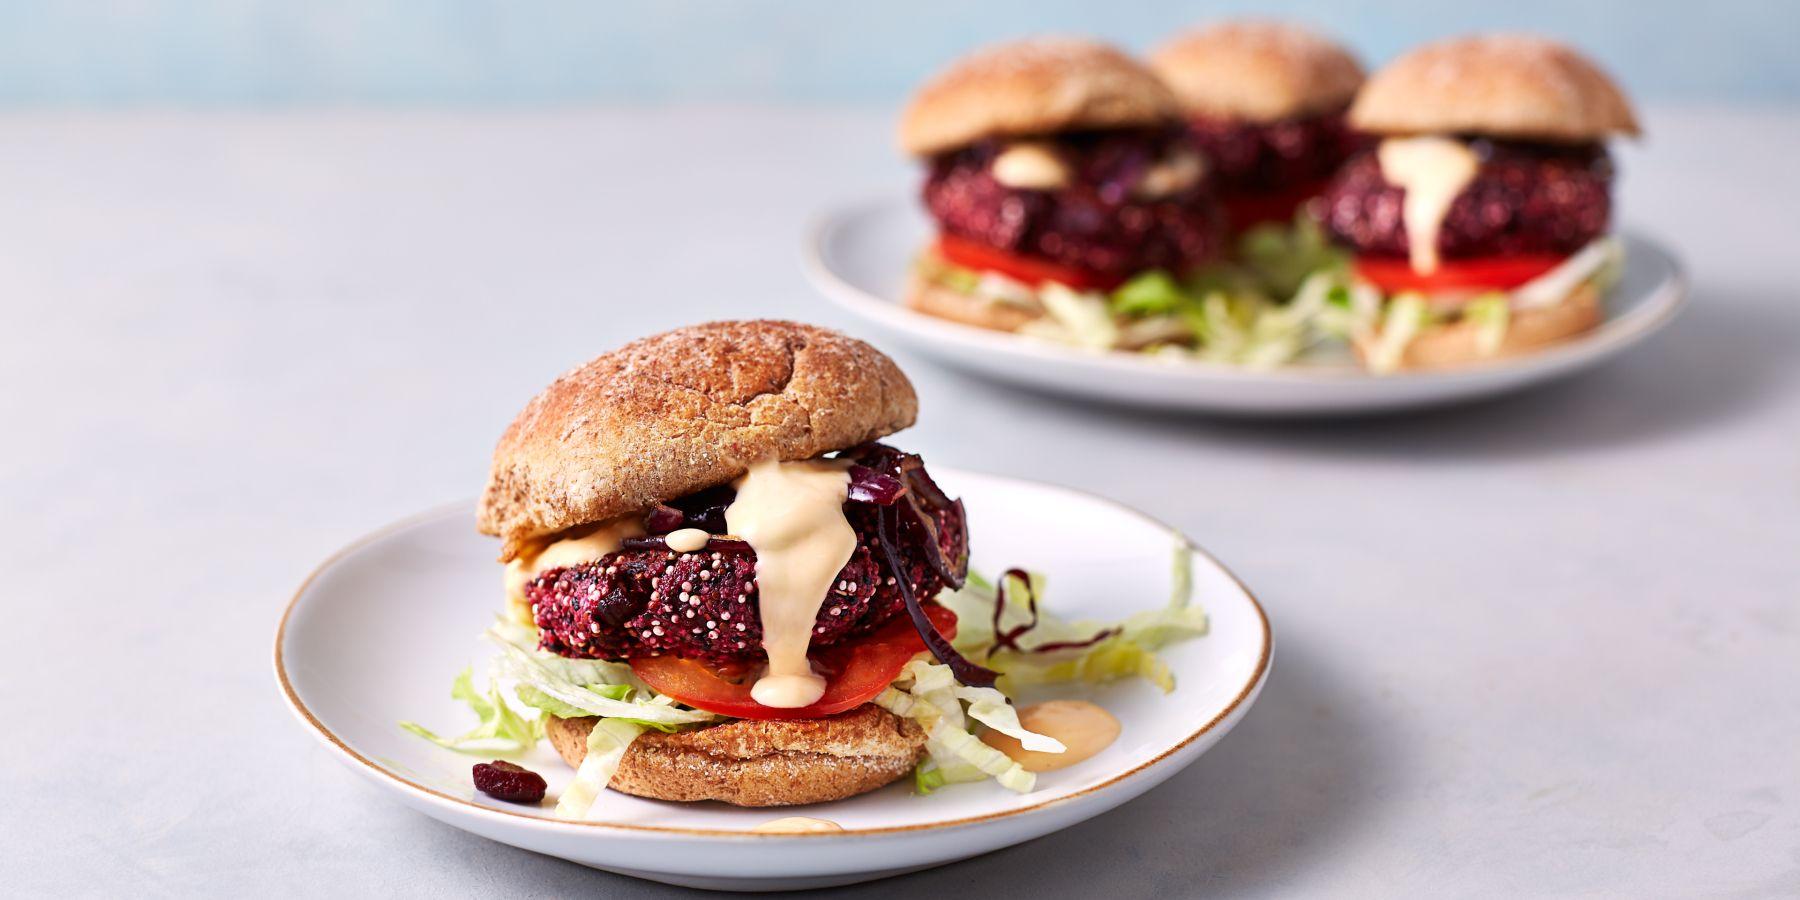 Punajuuripihvi ja herkullinen hampurilaisresepti | Ruokaohjeet